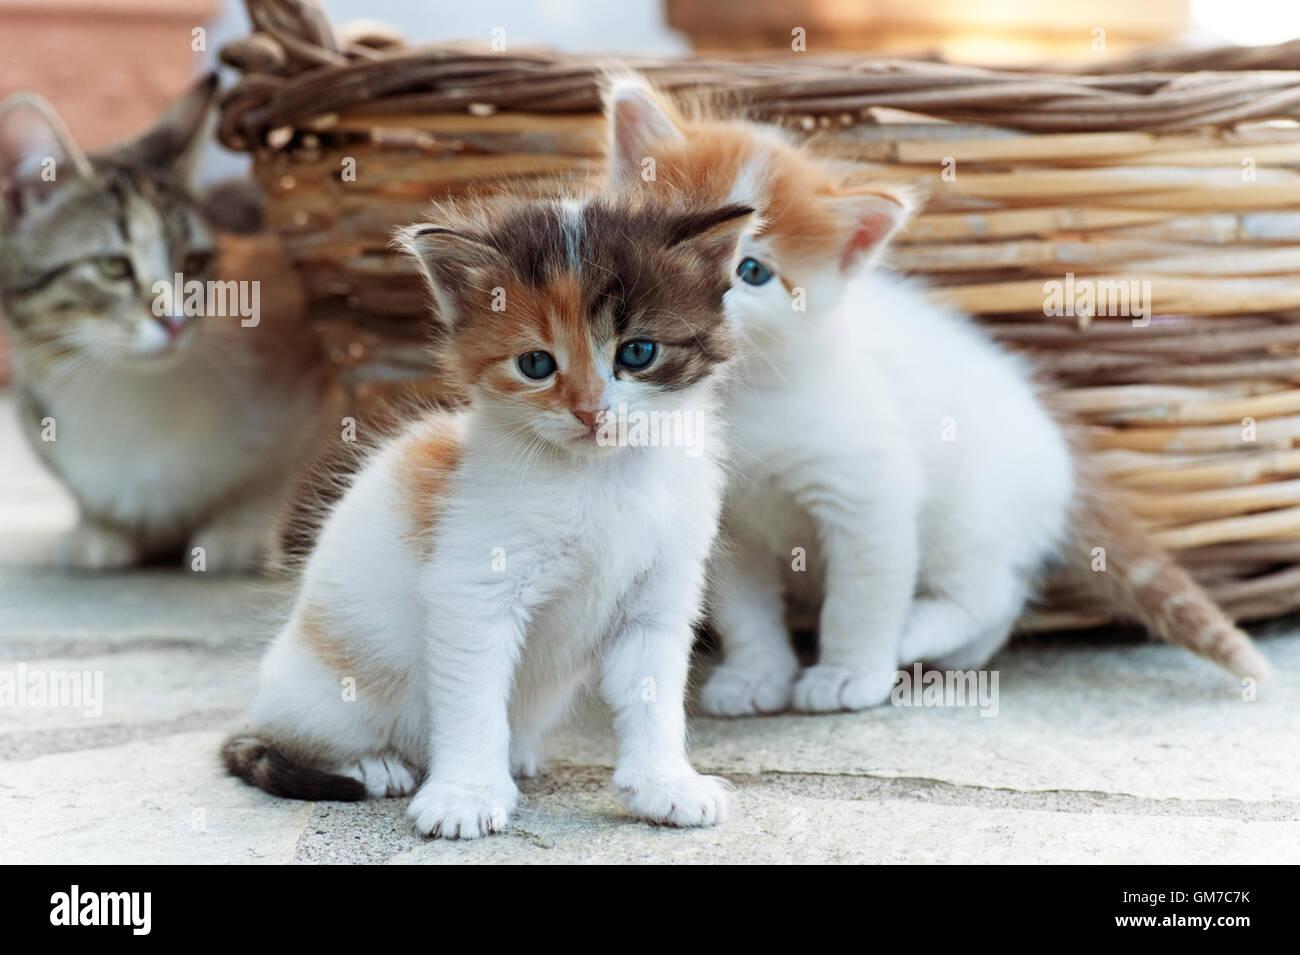 Zwei vier Wochen alte Kätzchen sitzen im Freien mit ihrer Mutter beobachtete sie im Hintergrund Stockbild